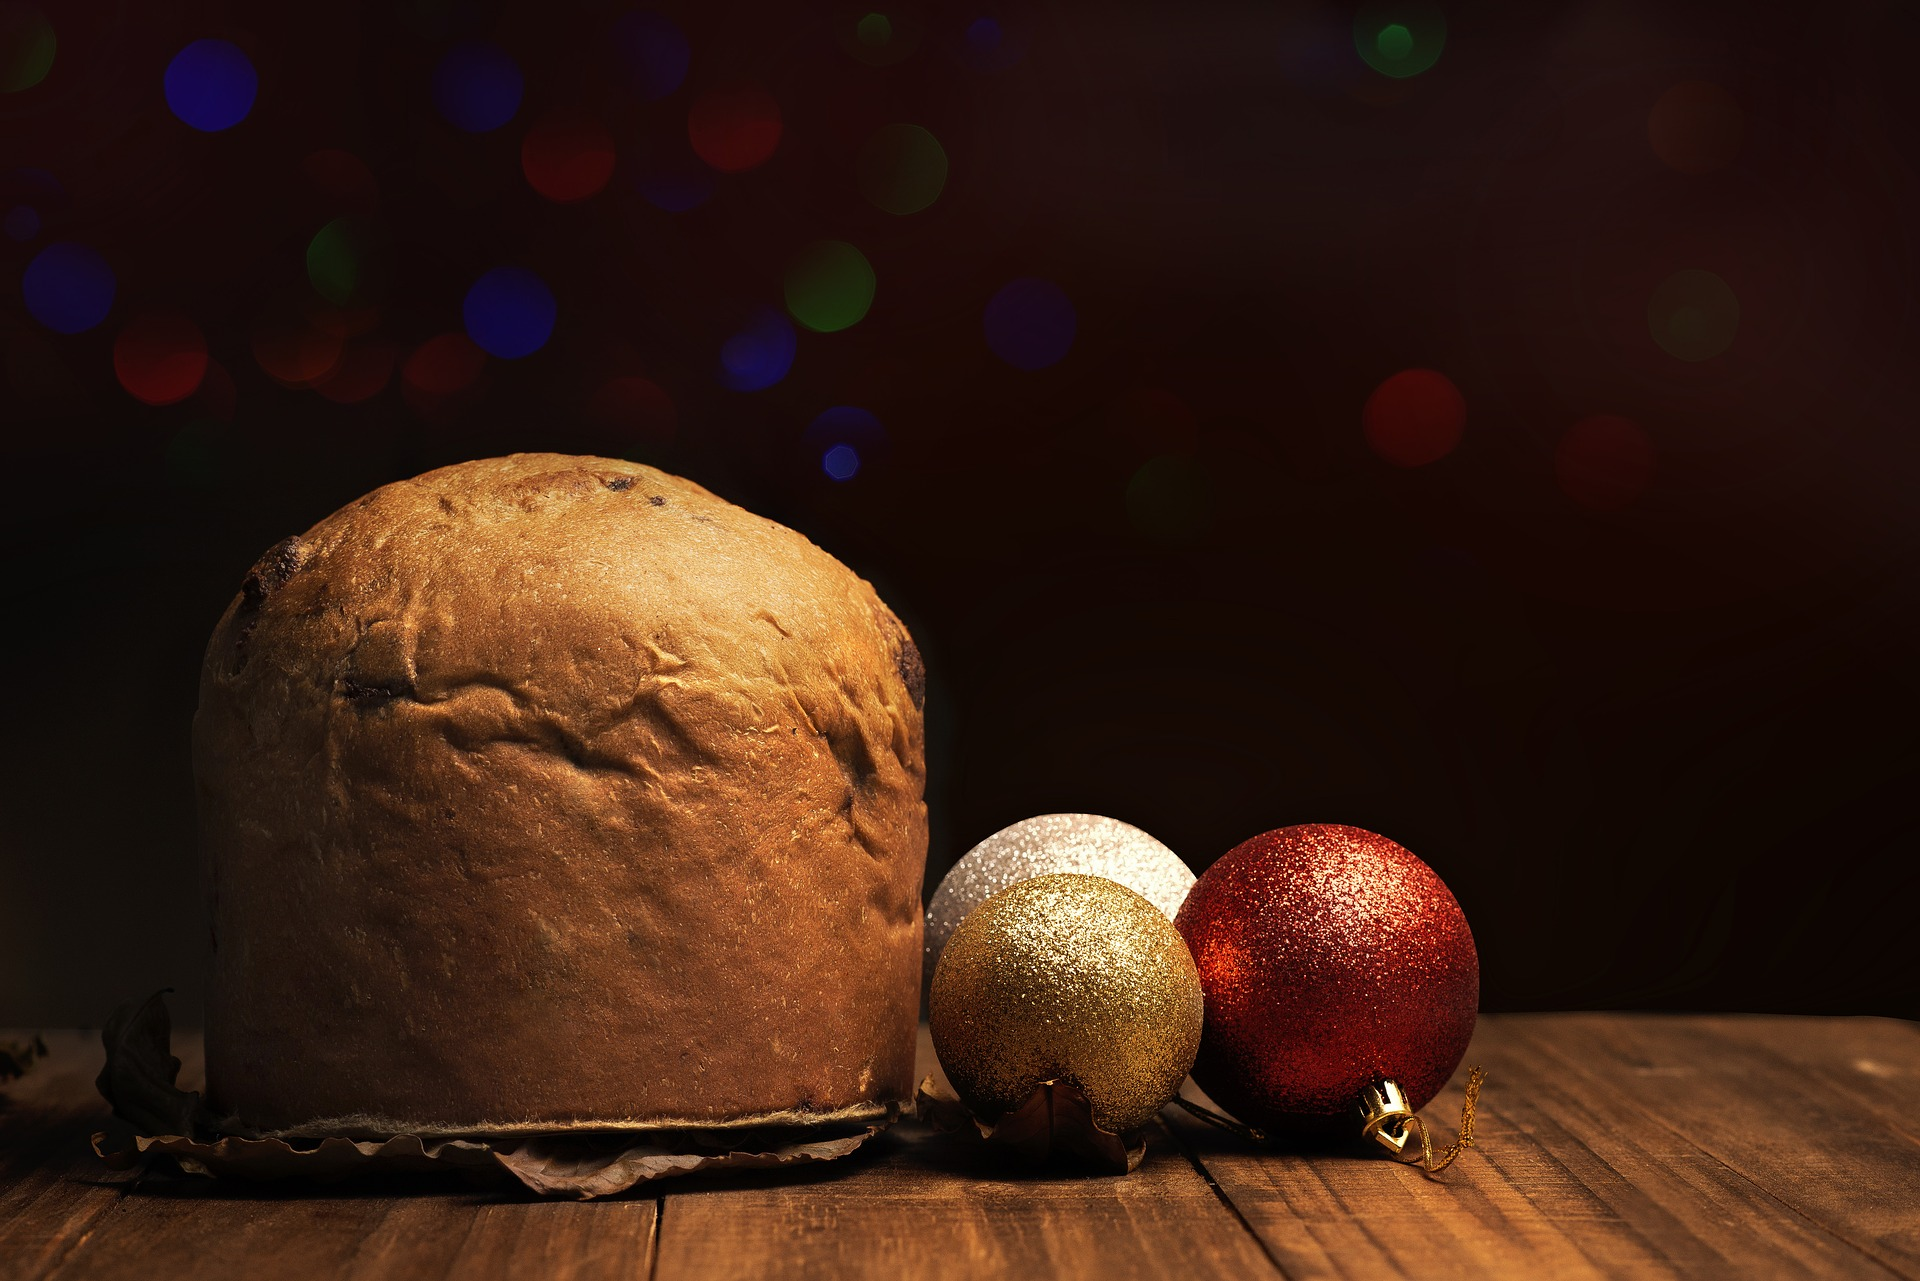 Il Natale è servito: dolci e prelibatezze italiane sotto l'albero